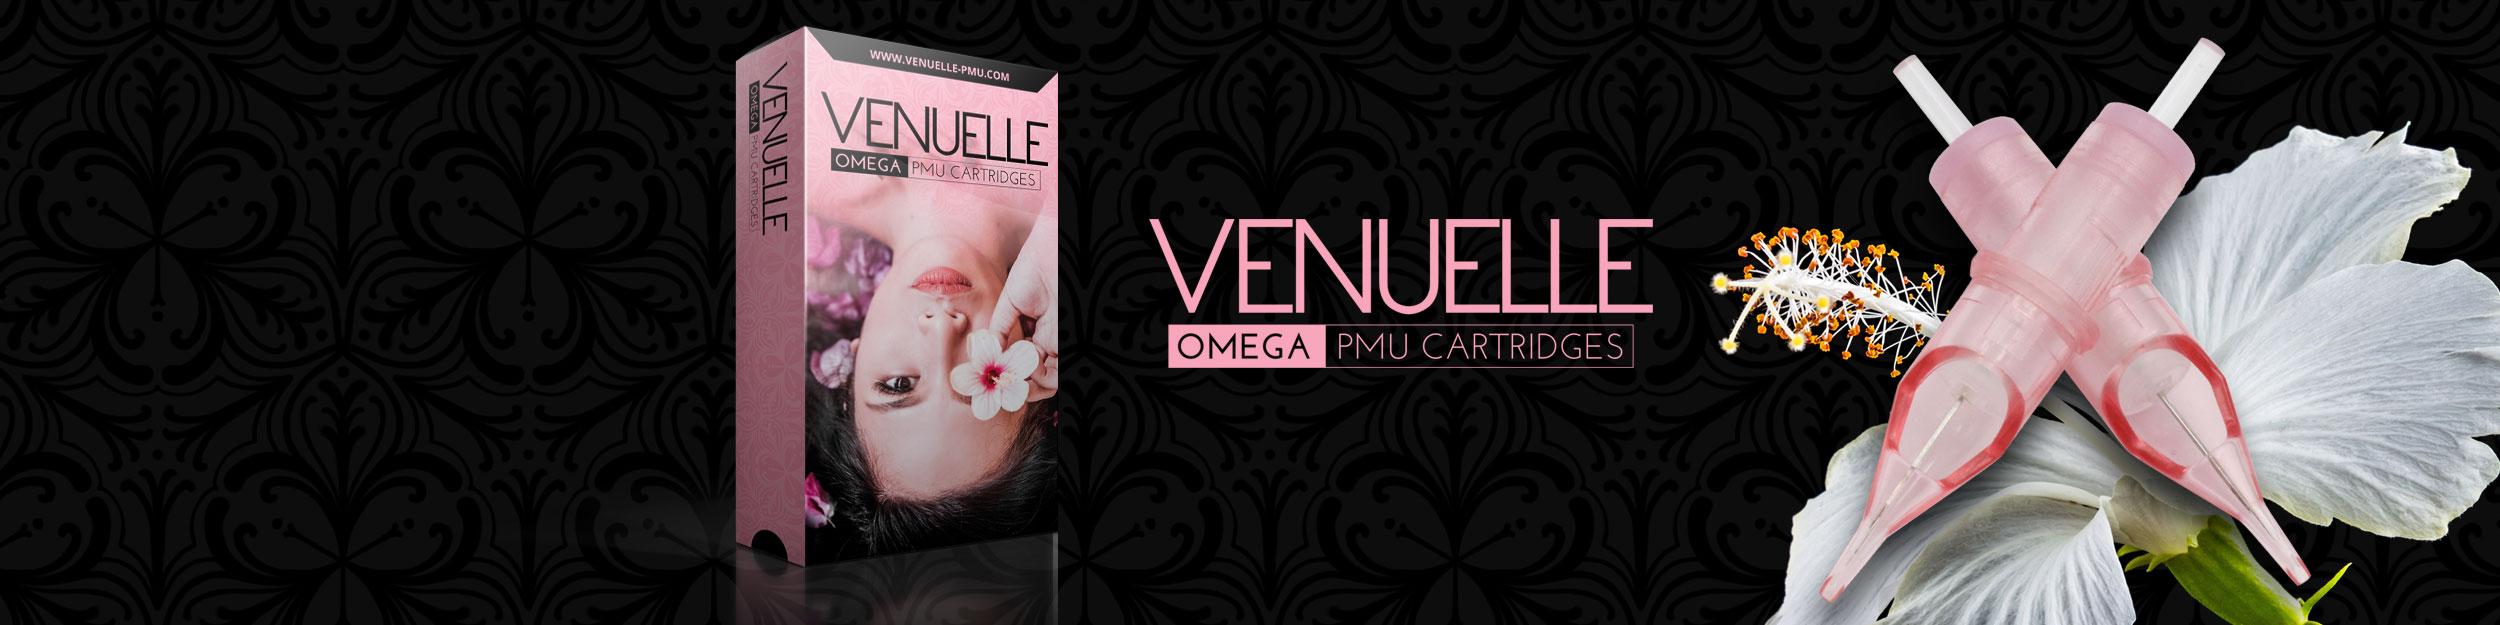 VENUELLE Omega